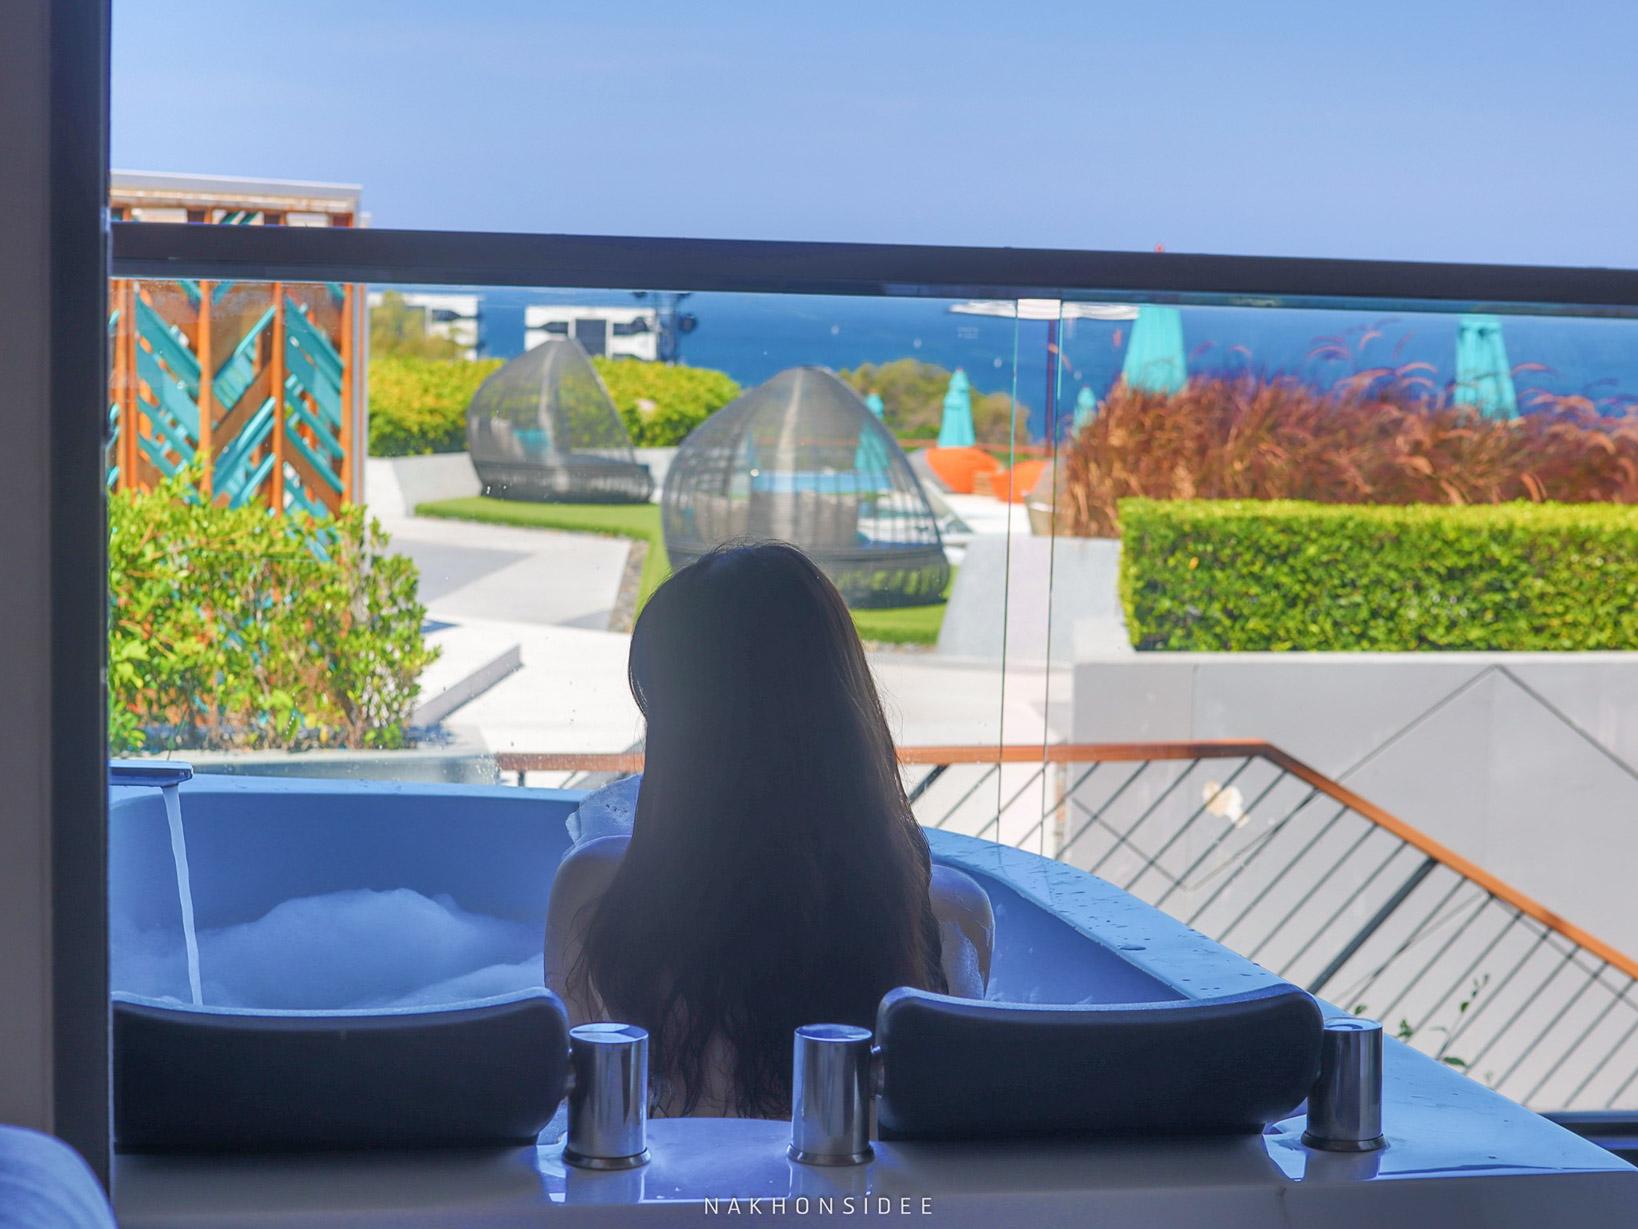 สระว่ายน้ำสุดสวย-พร้อมโซนนั่งเล่นครับ  thesis,kata,ที่พักภูเก็ต,phuket,หาดกะตะ,เดอะซิสภูเก็ต